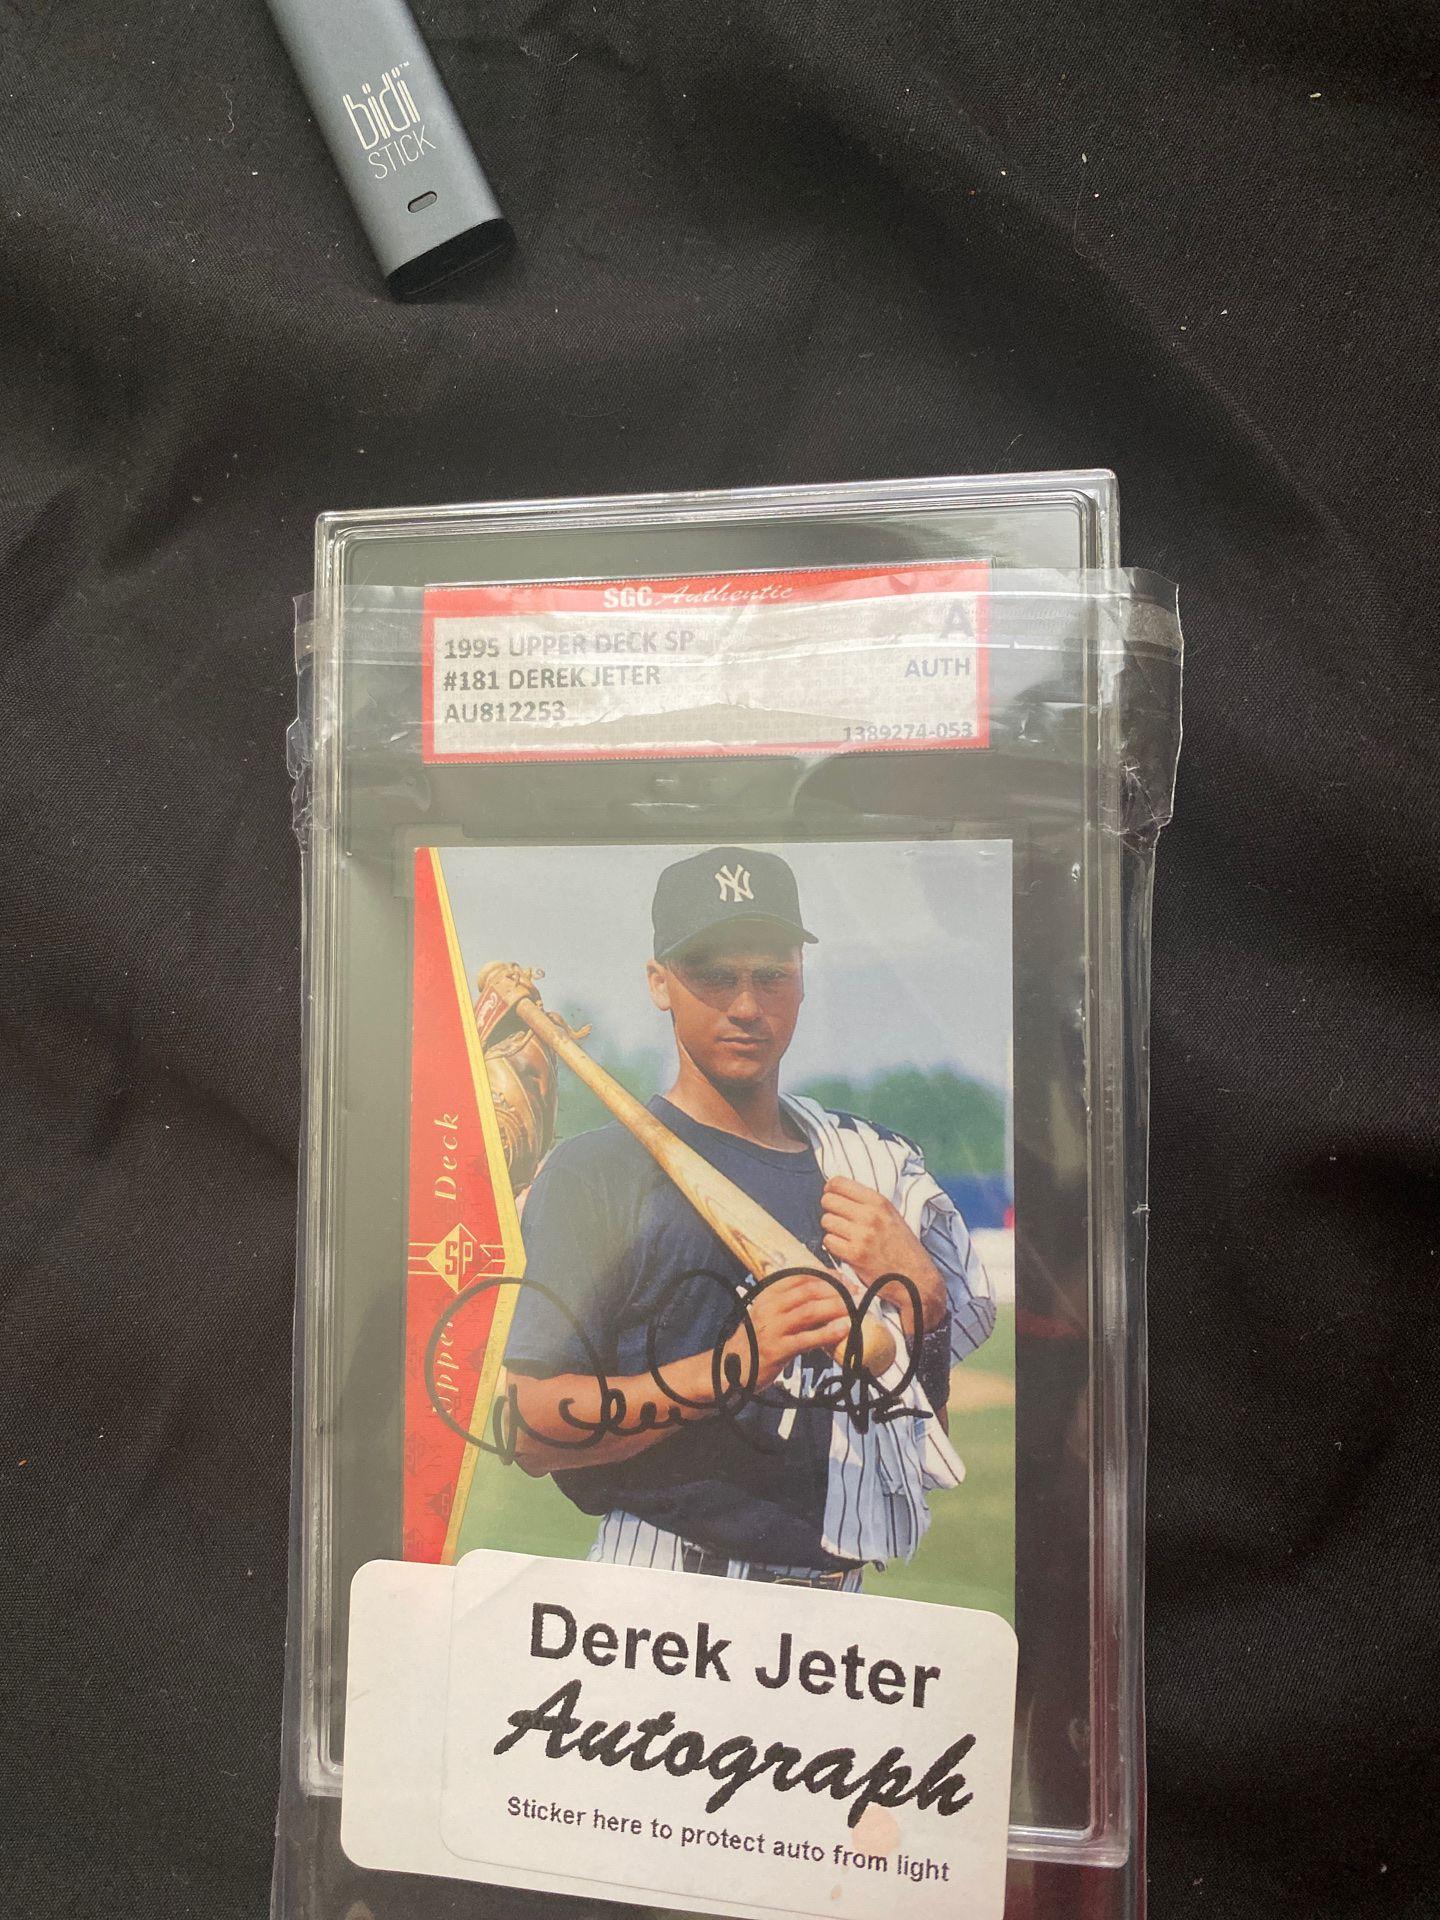 Derek jeter signed card